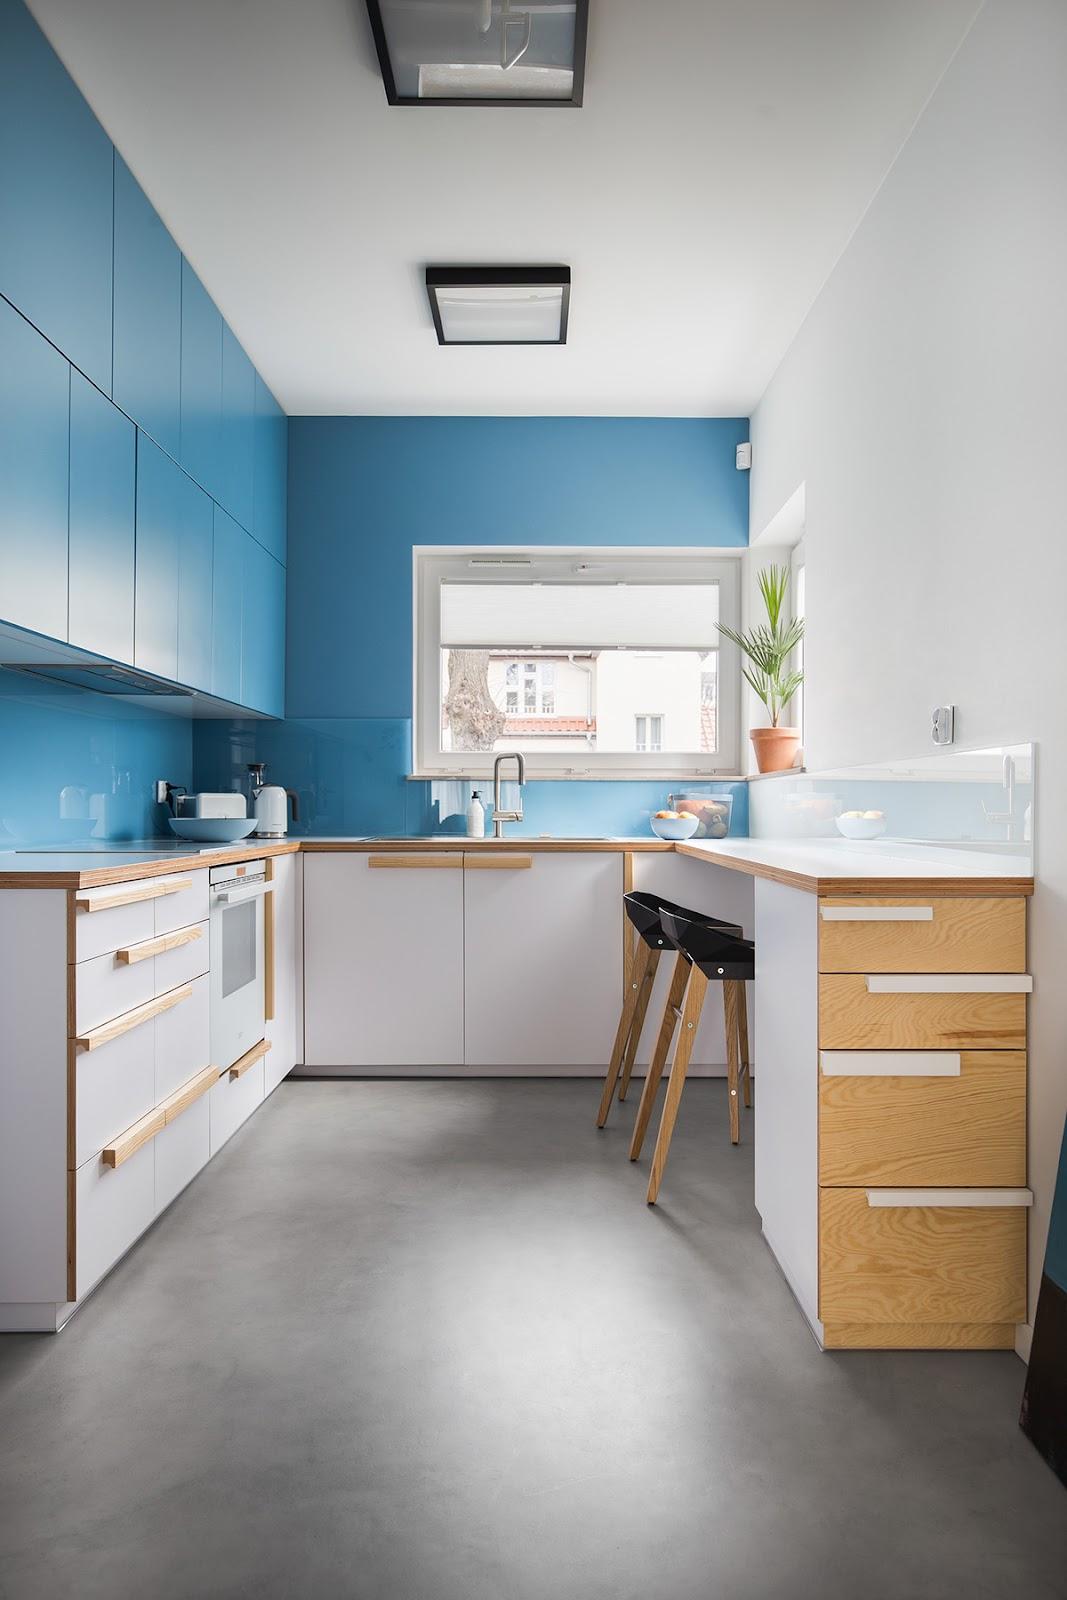 Tipe dapur berbentuk U - source: home-designing.com